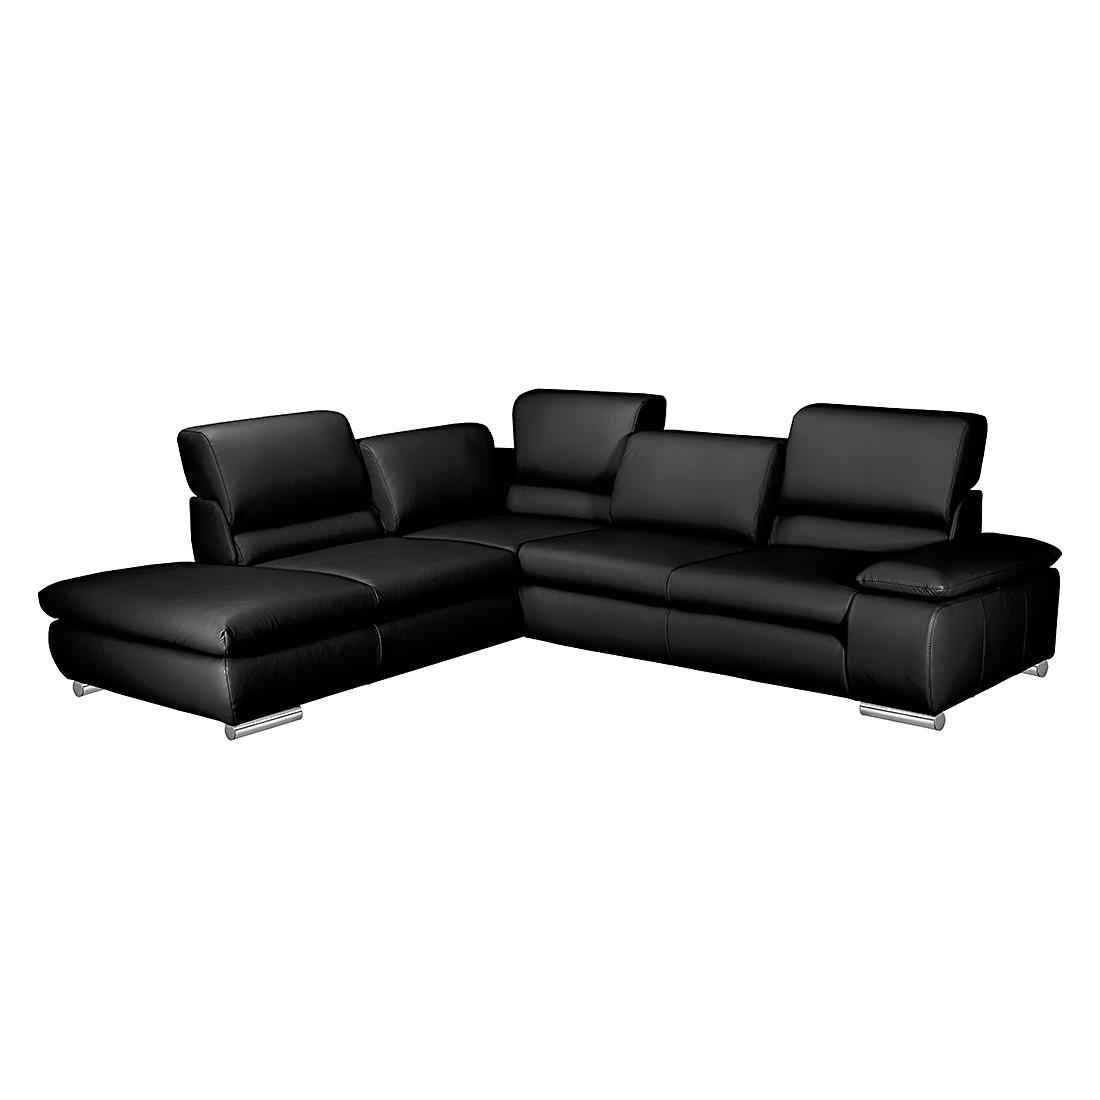 Canapé d'angle Masca